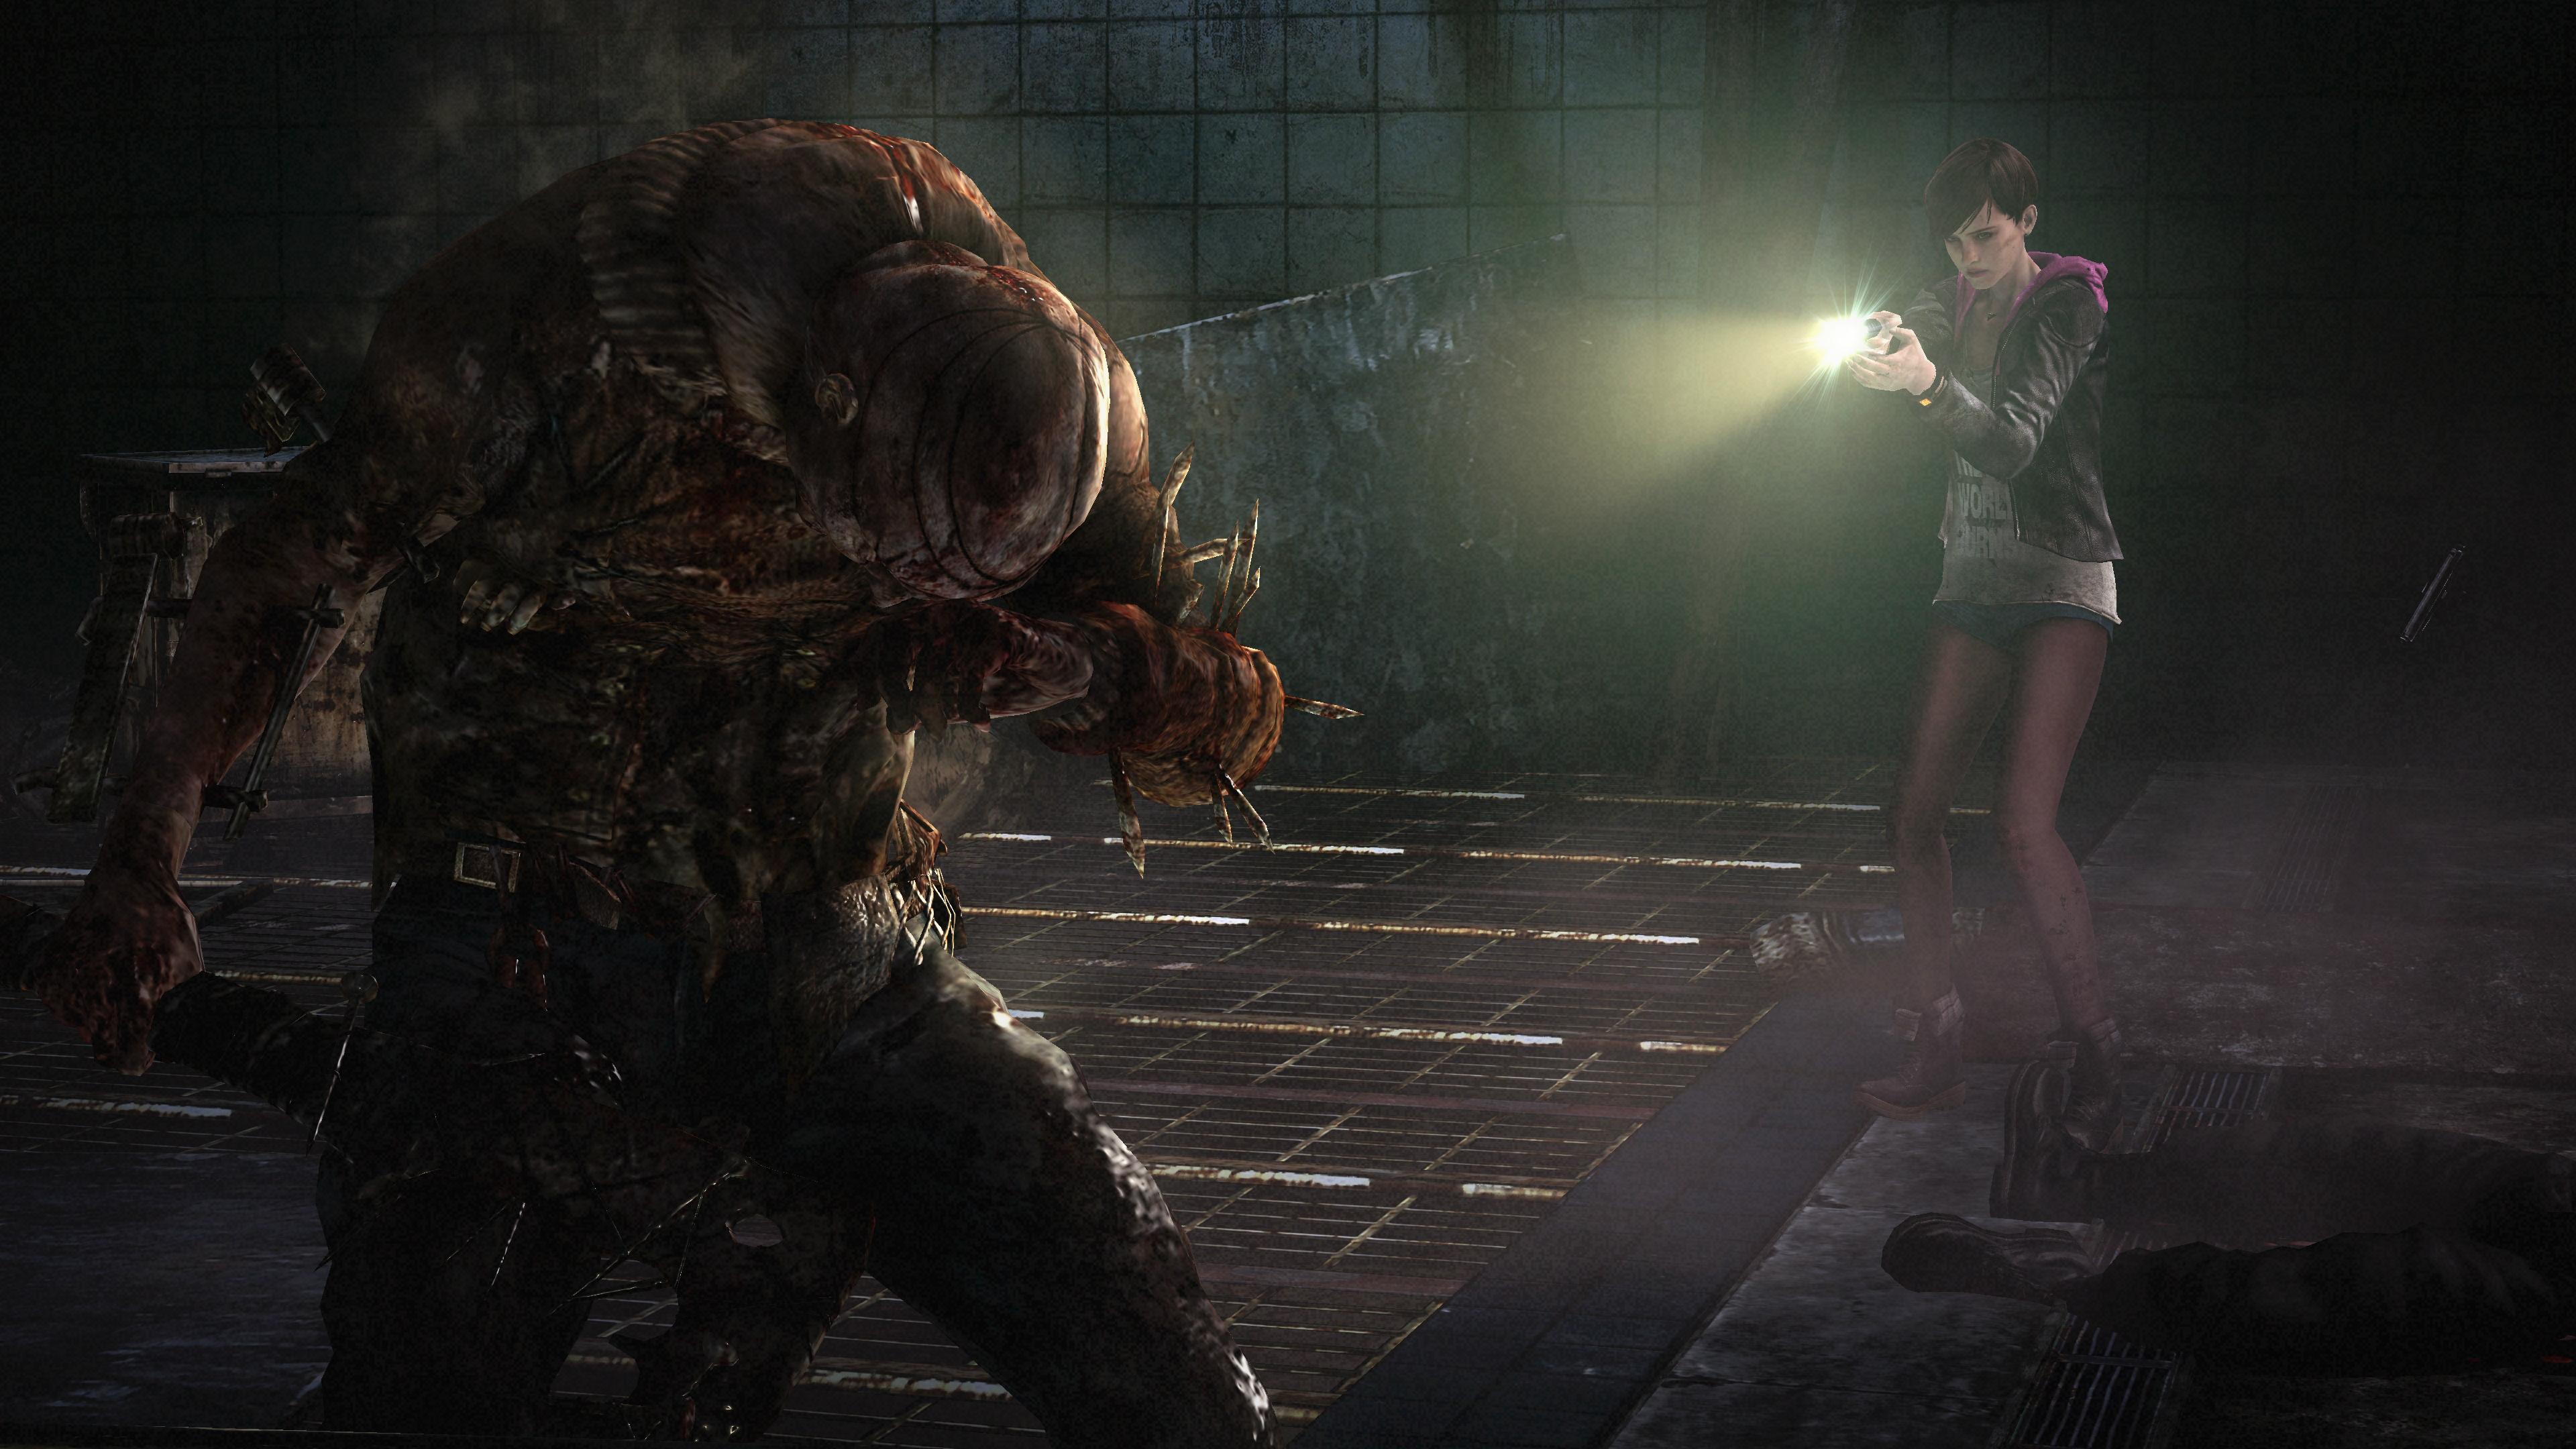 Los Mejores Juegos De Terror Para Ps4 Pc Y Xbox One Hobbyconsolas